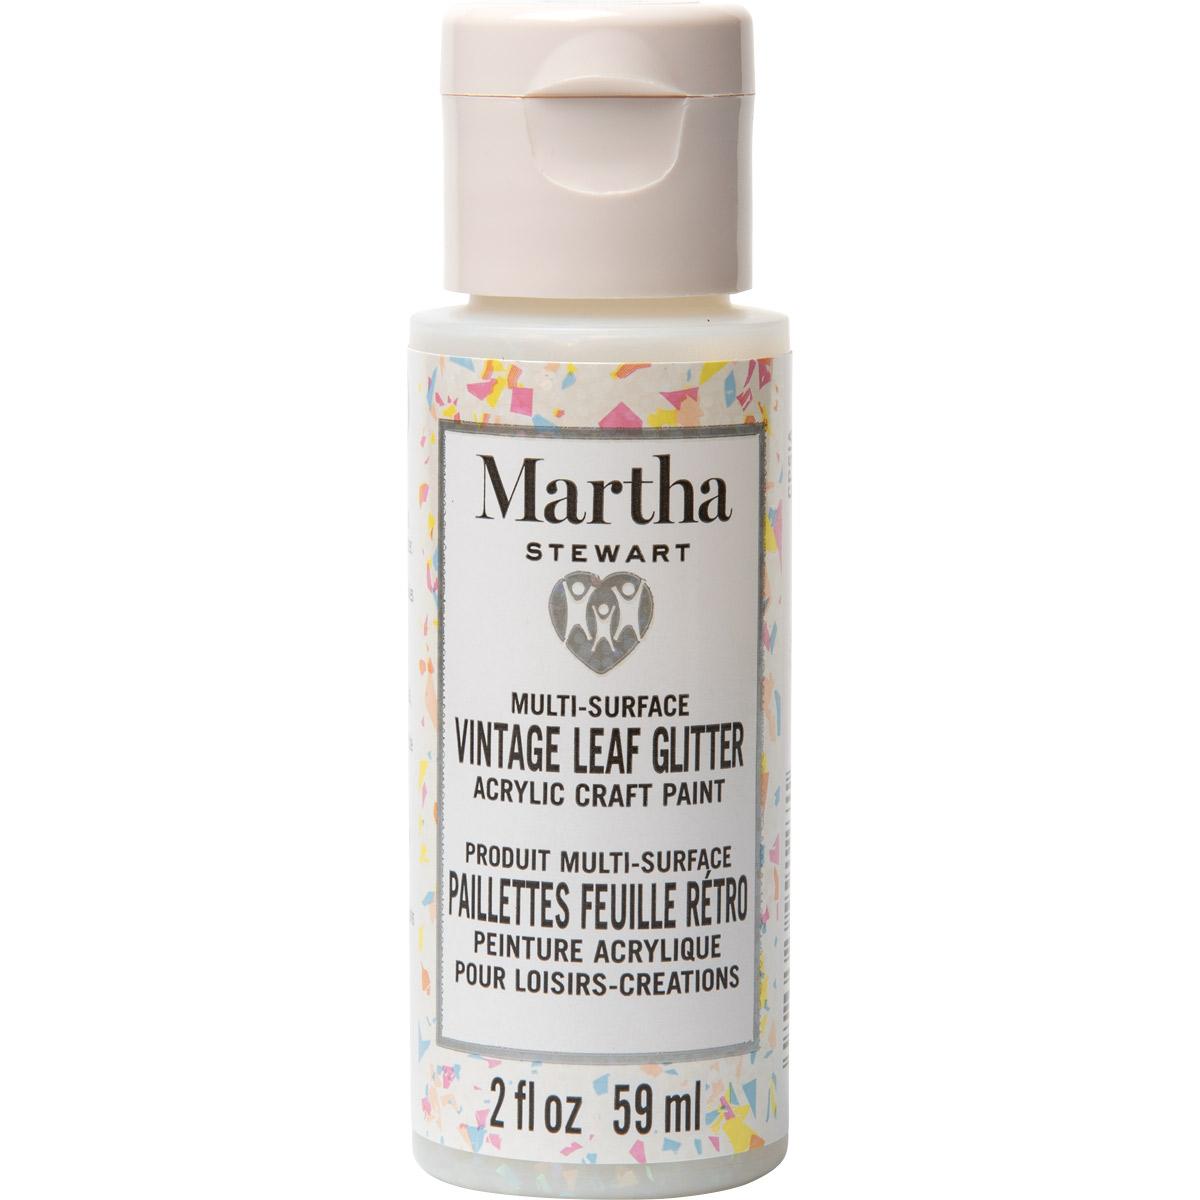 Martha Stewart ® Multi-Surface Vintage Leaf Glitter Acrylic Craft Paint CPSIA - Sugar Cube, 2 oz.